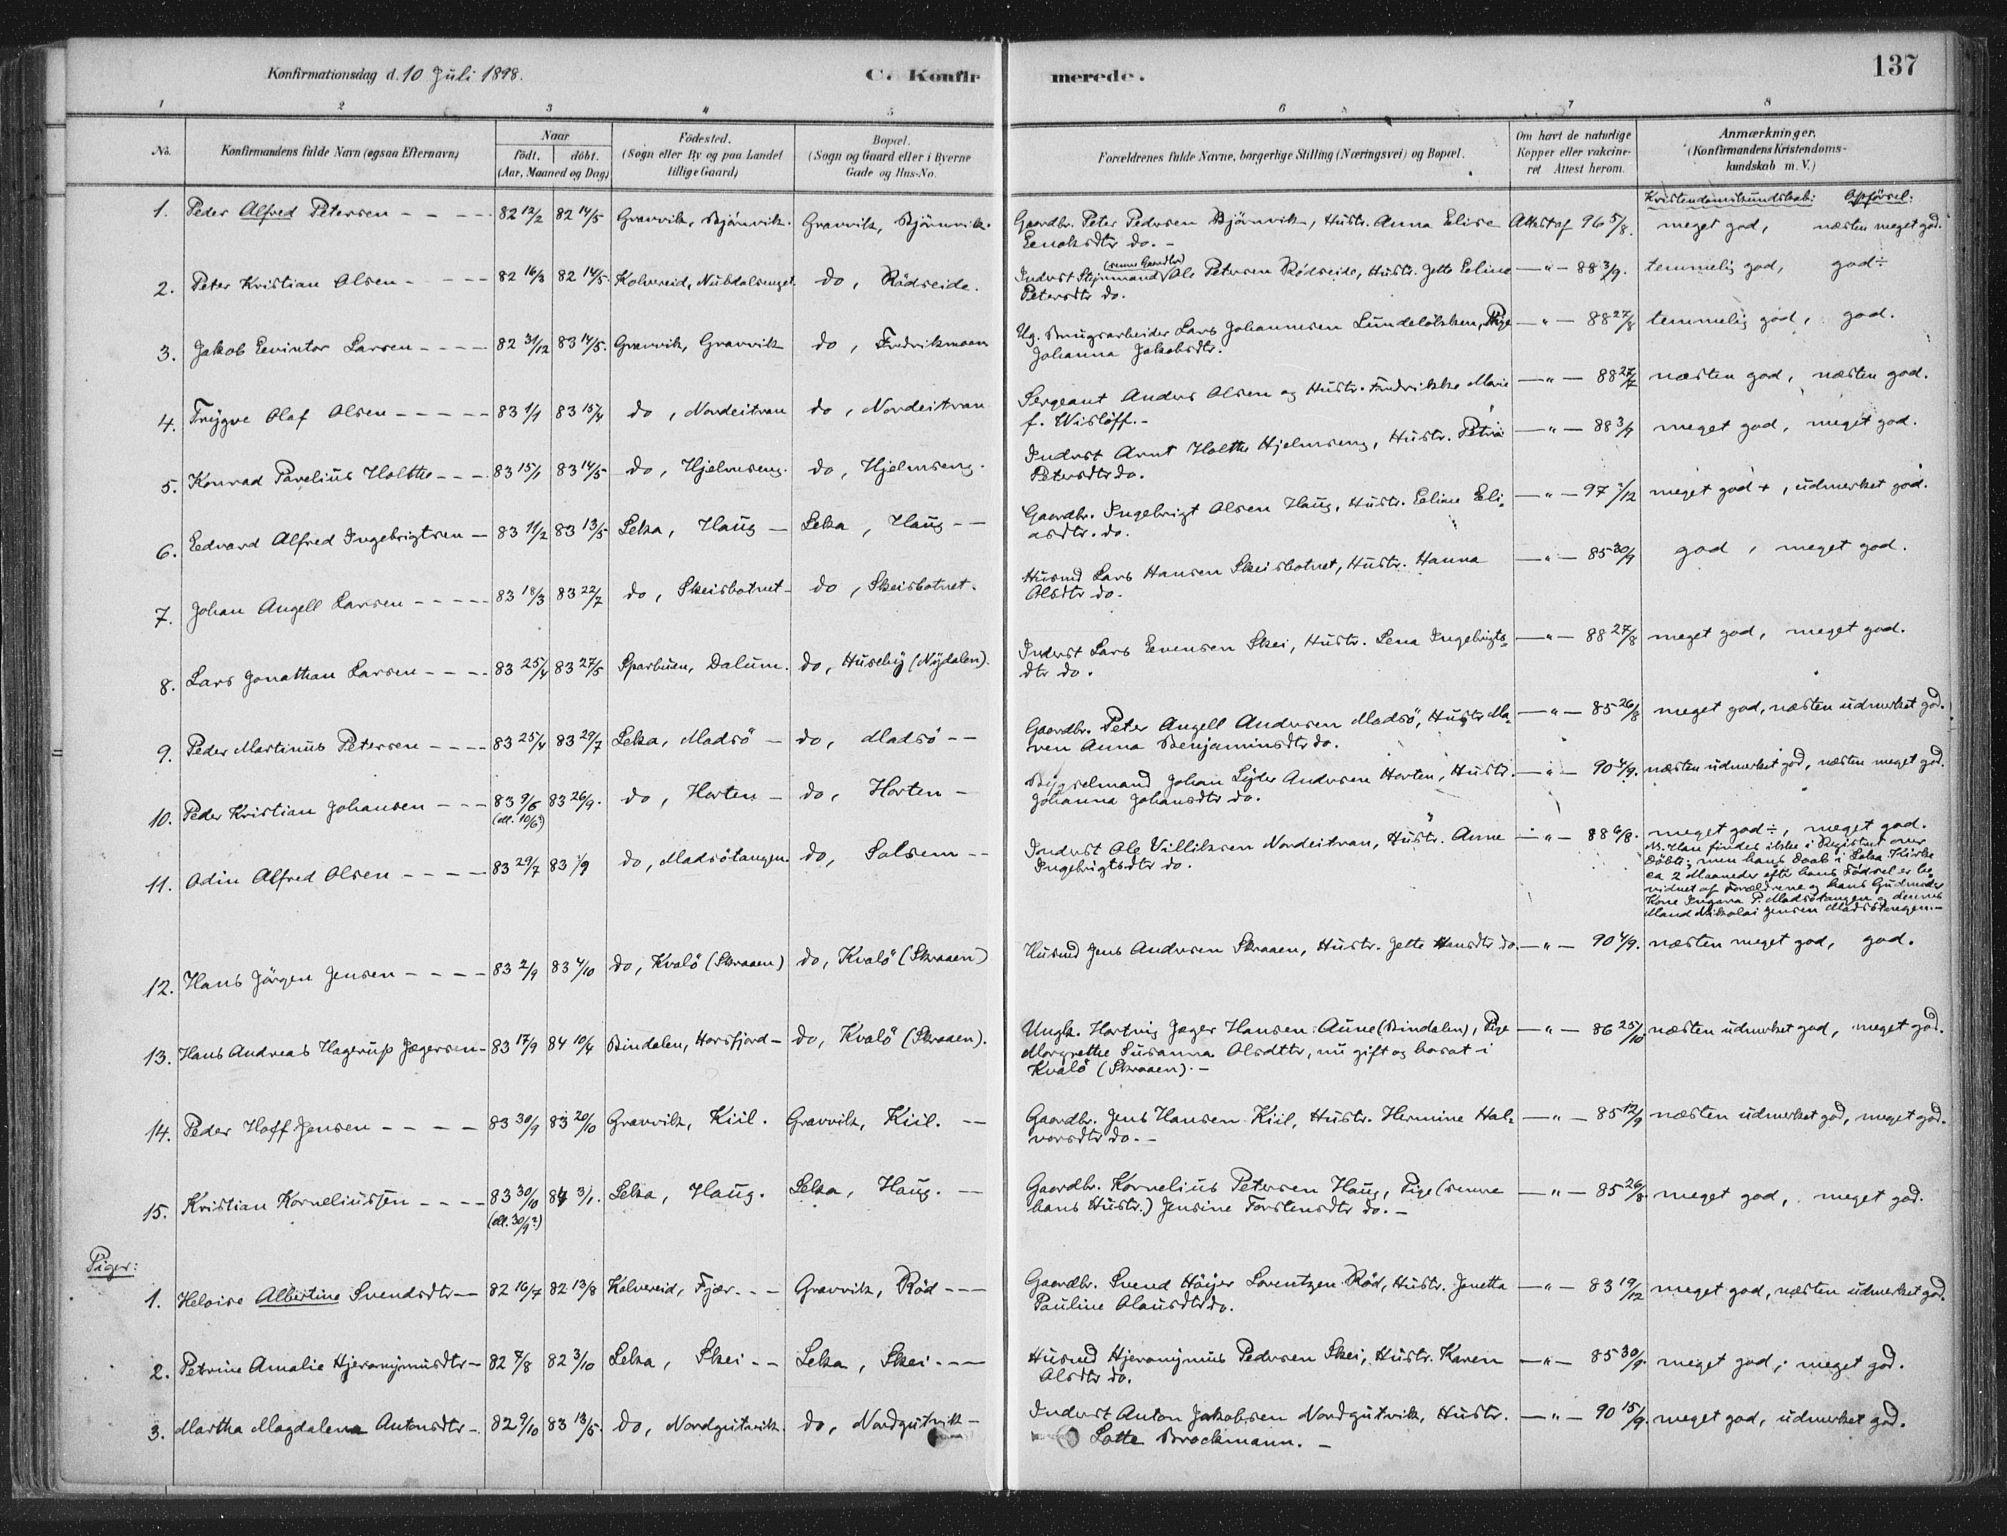 SAT, Ministerialprotokoller, klokkerbøker og fødselsregistre - Nord-Trøndelag, 788/L0697: Ministerialbok nr. 788A04, 1878-1902, s. 137